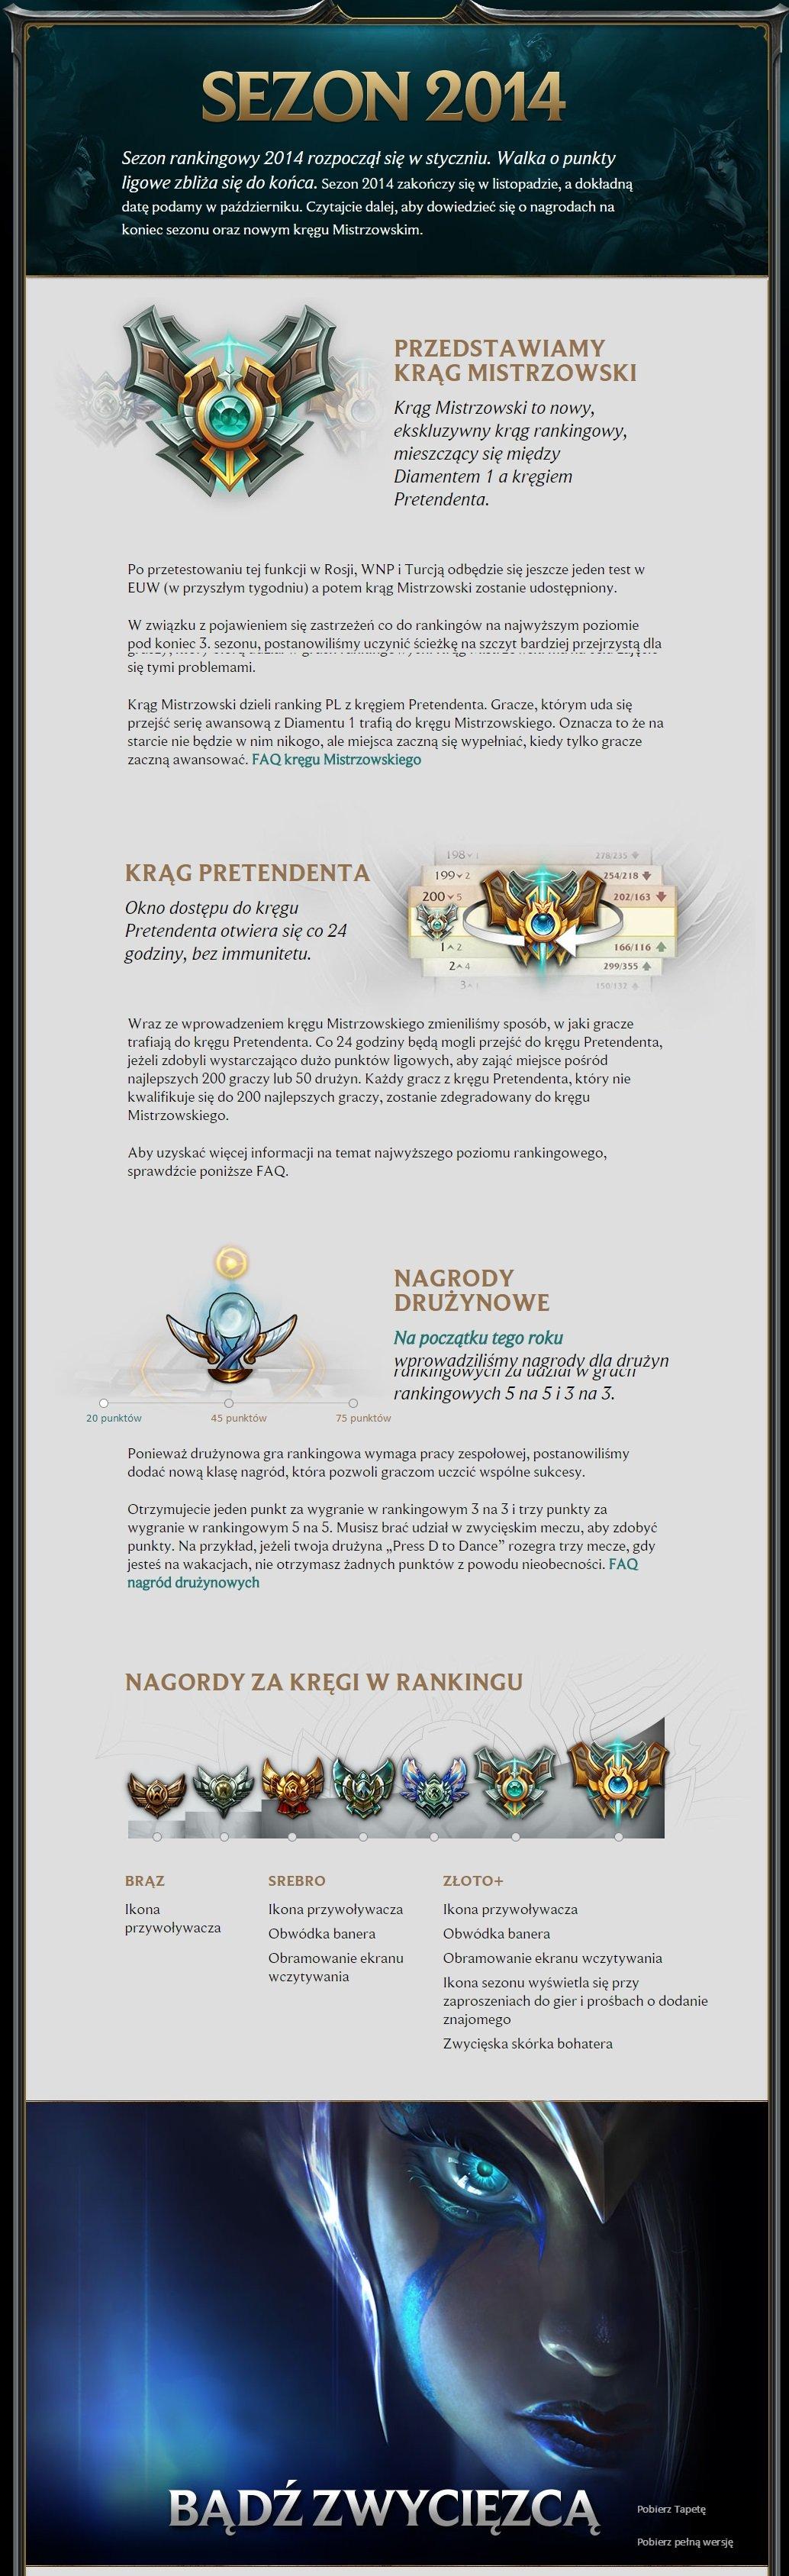 Nagrody na koniec sezonu i nowy krąg Mistrzowski   League of Legends